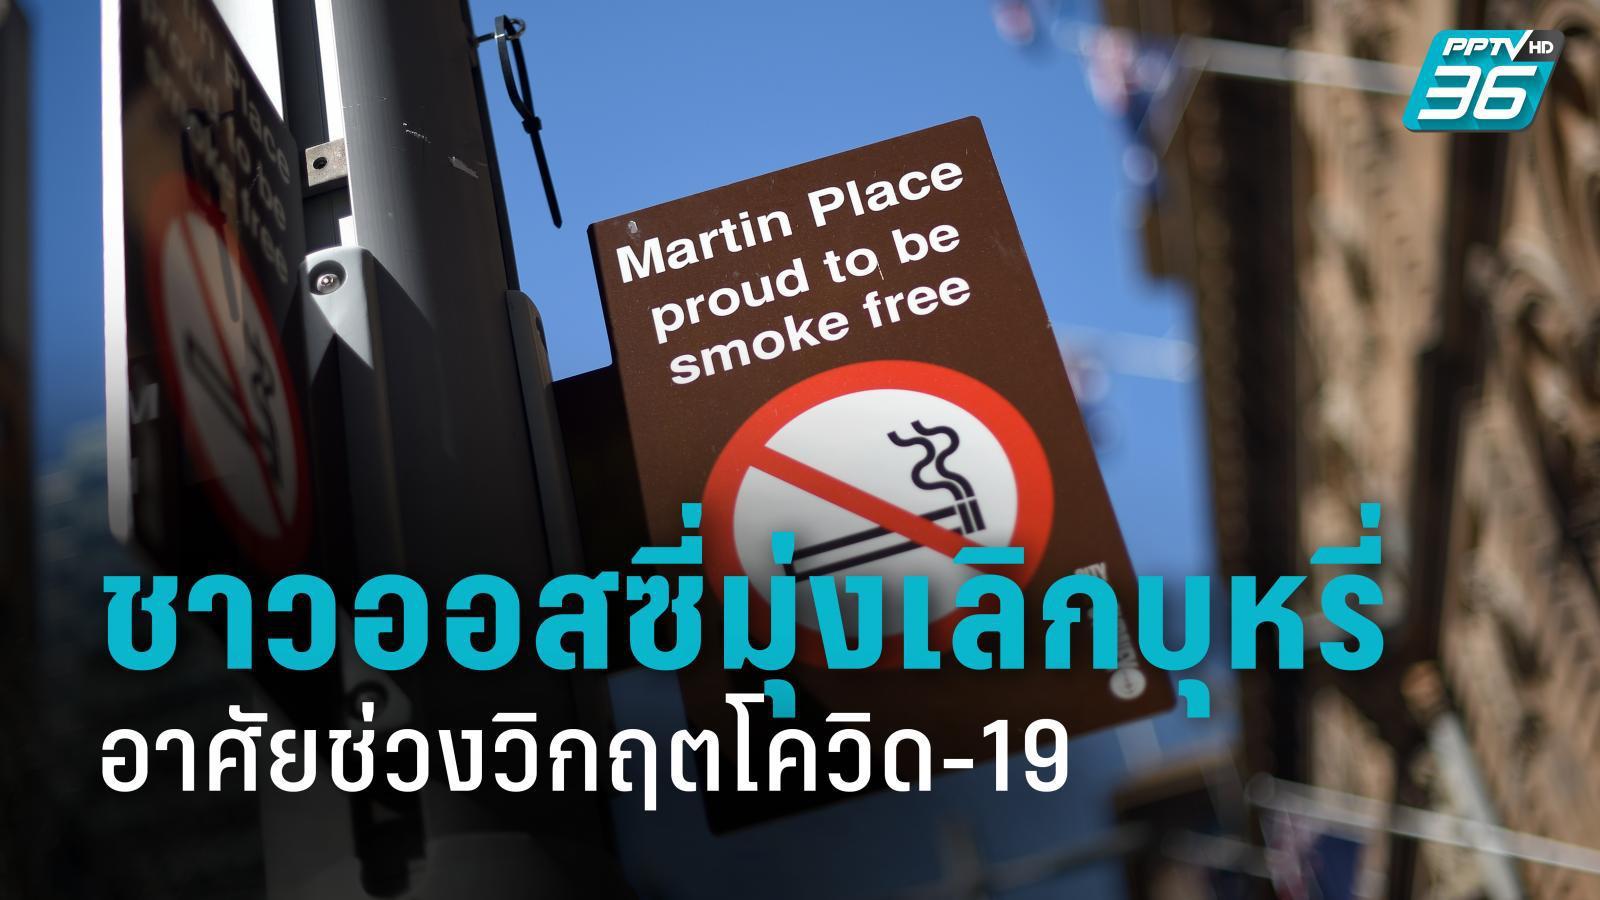 ชาวออสเตรเลียใช้อาศัยช่วงล็อกดาวน์โควิด-19 เลิกสูบบุหรี่